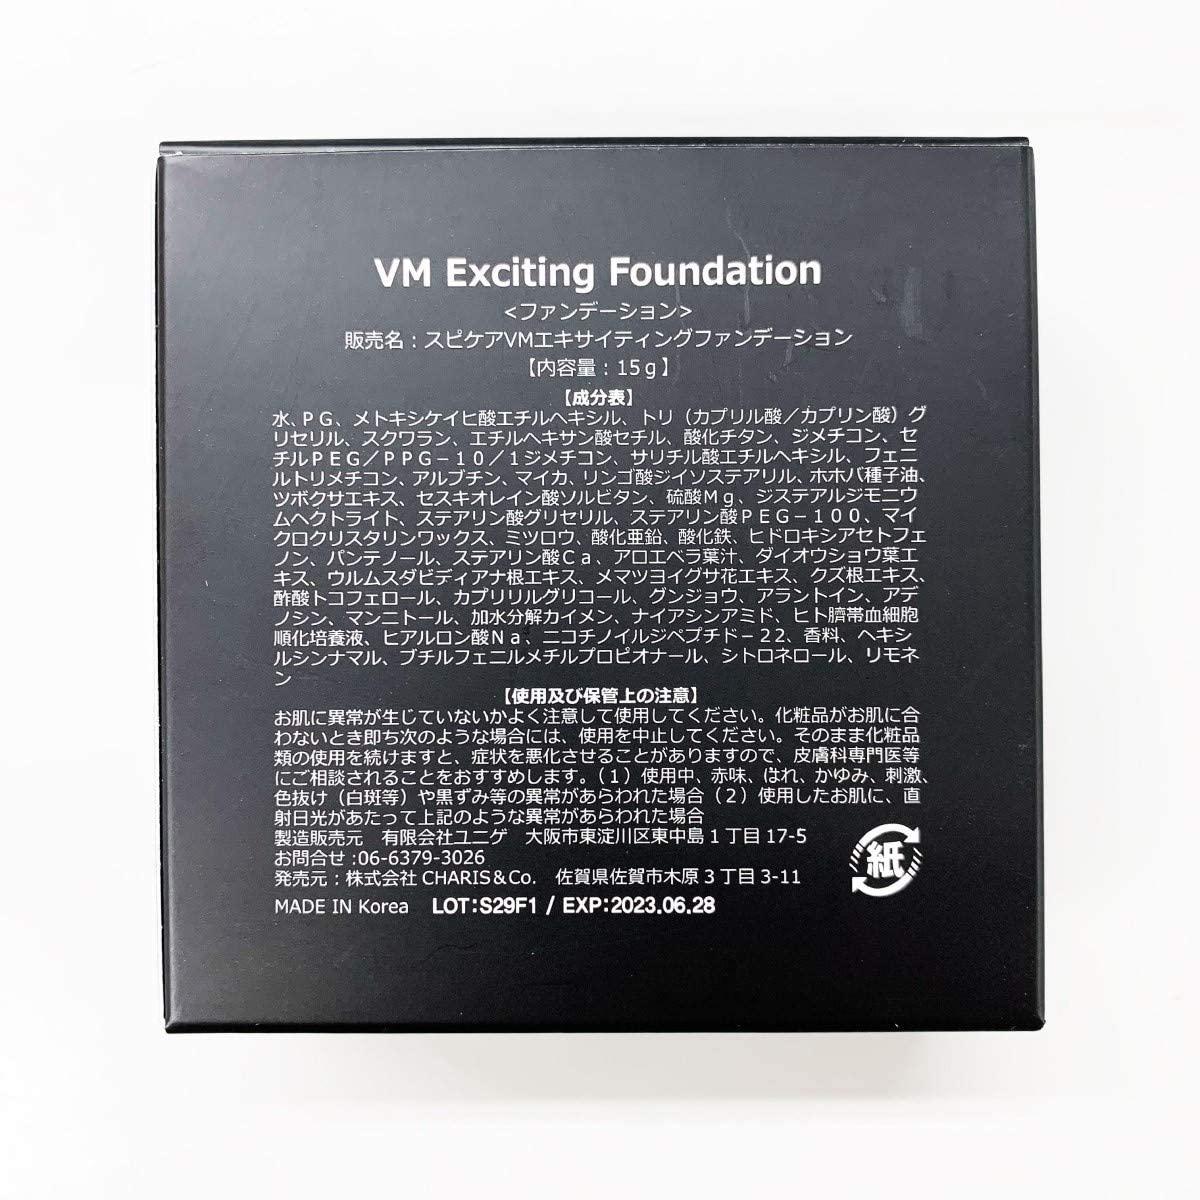 ファンデーション スピケア v3 エキサイティング